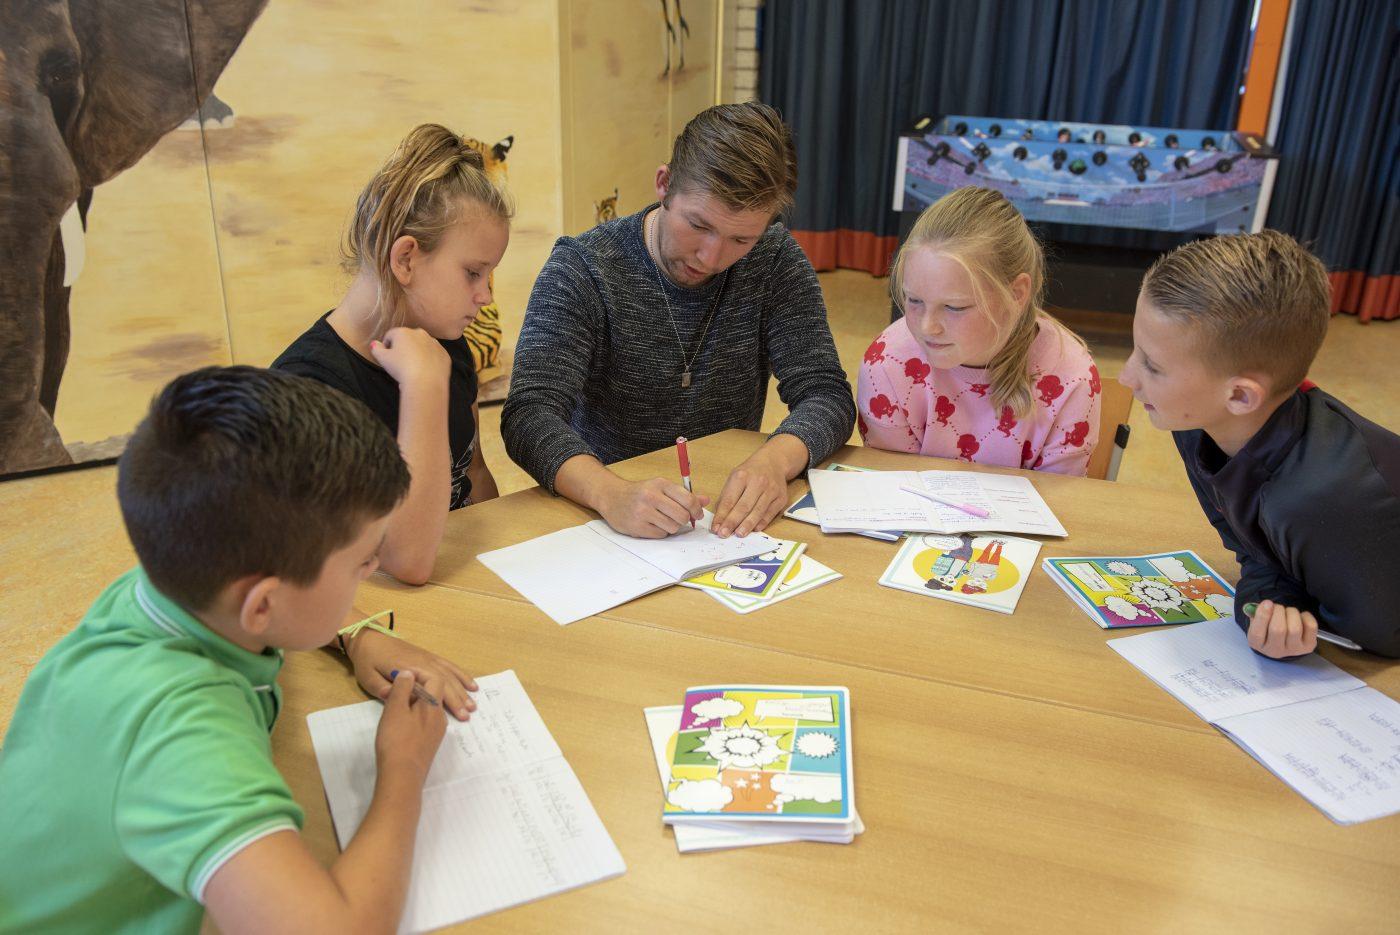 Basisschool de Zwaluw in Leiden